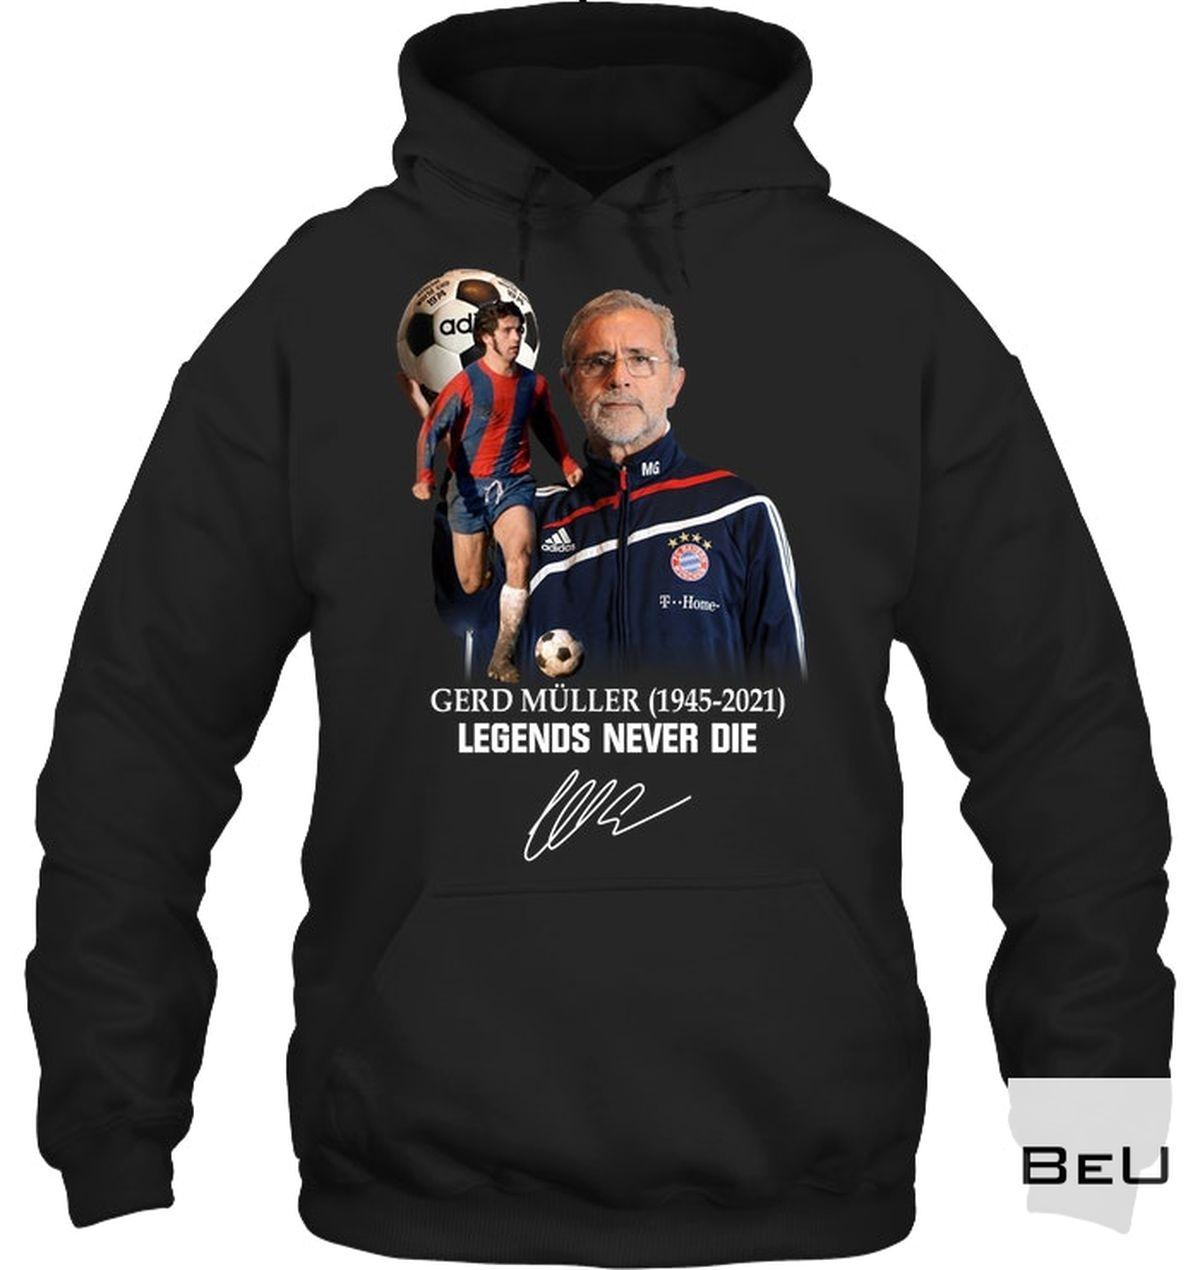 Gerd Muller Legend Never Die Shirt, hoodie, tank top